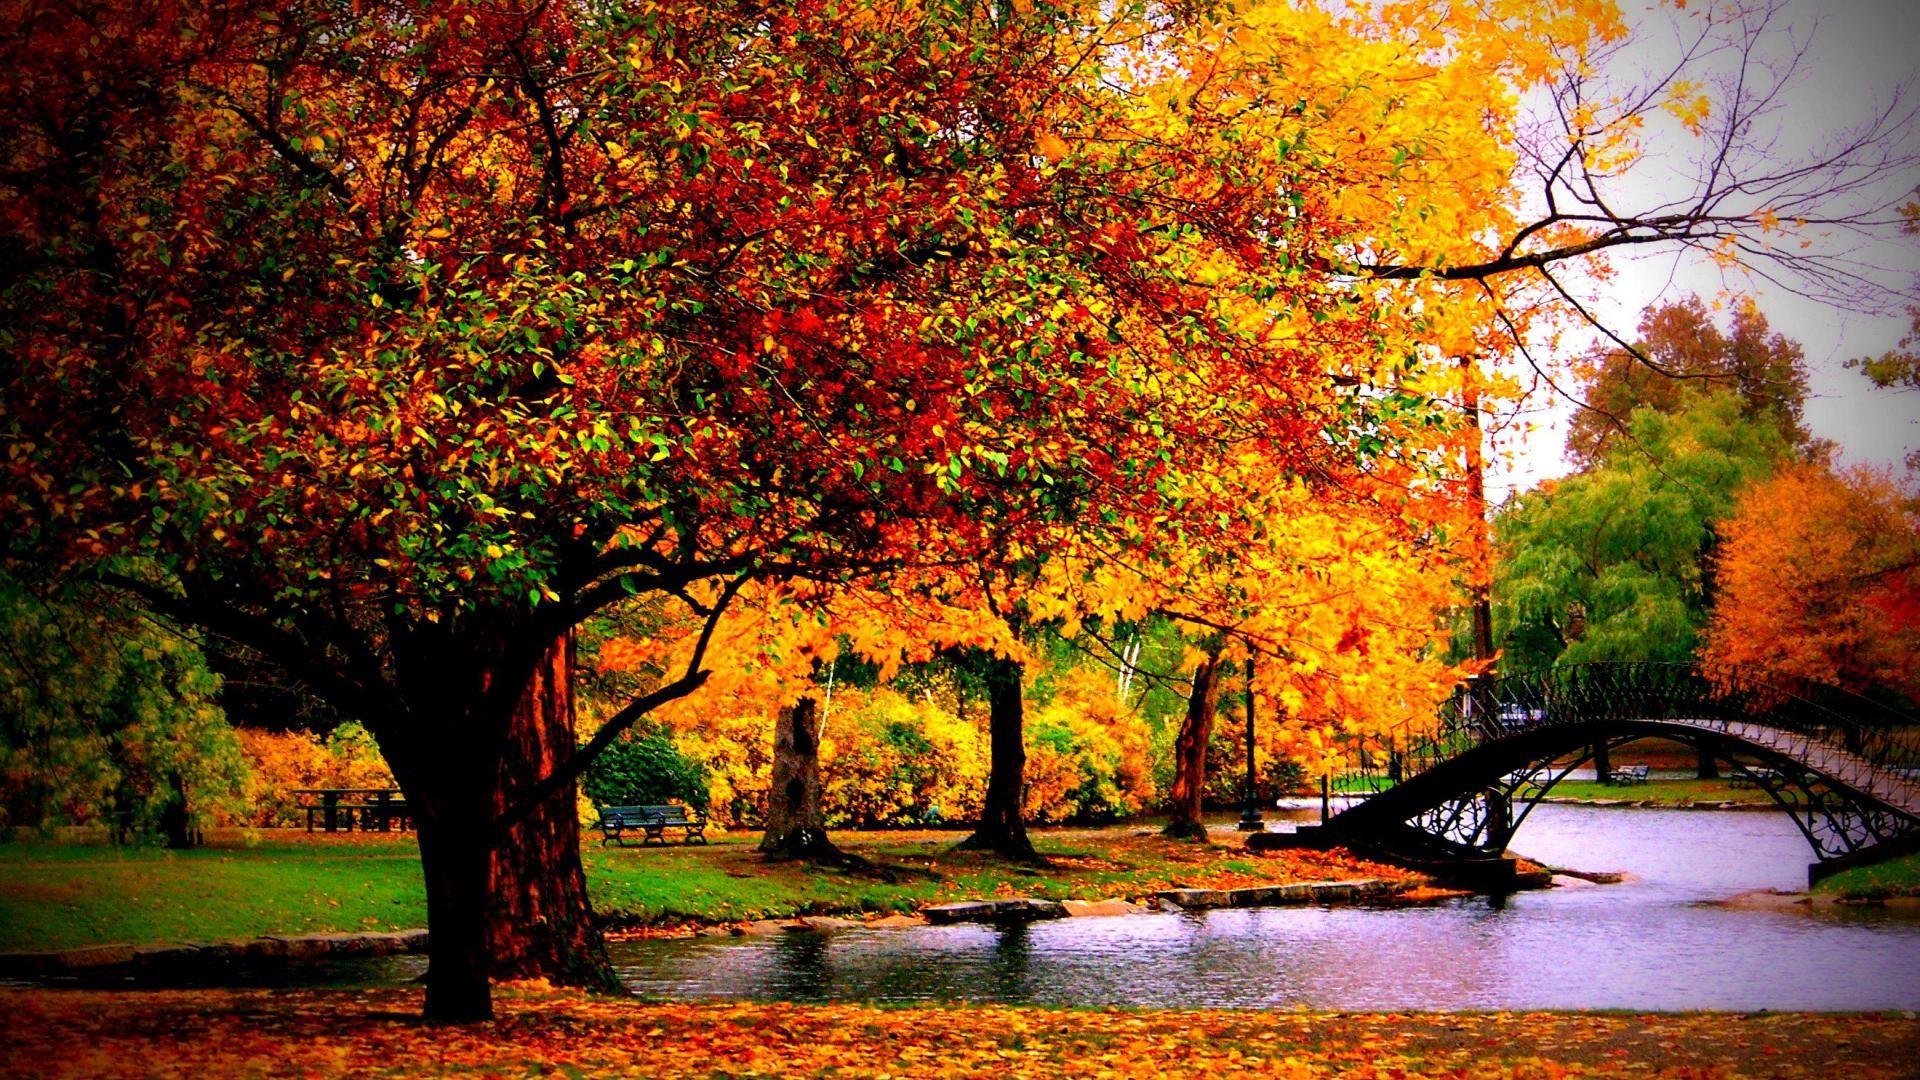 Autumn Desktop wallpapers (33 Wallpapers)